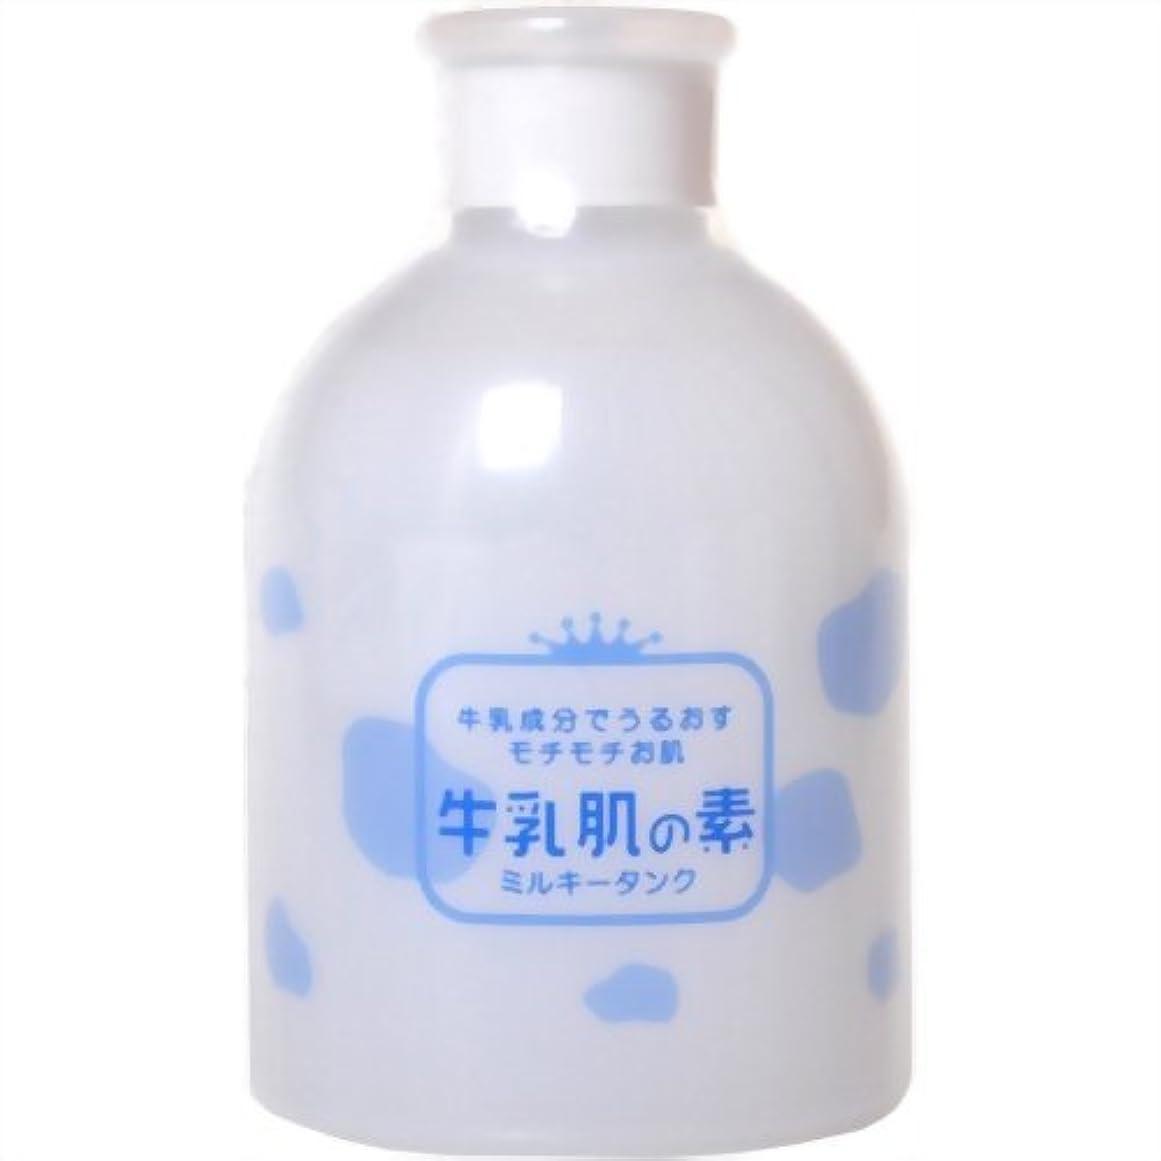 オートマトンリーガン過剰牛乳肌の素 ミルキータンク(化粧水) 300ml